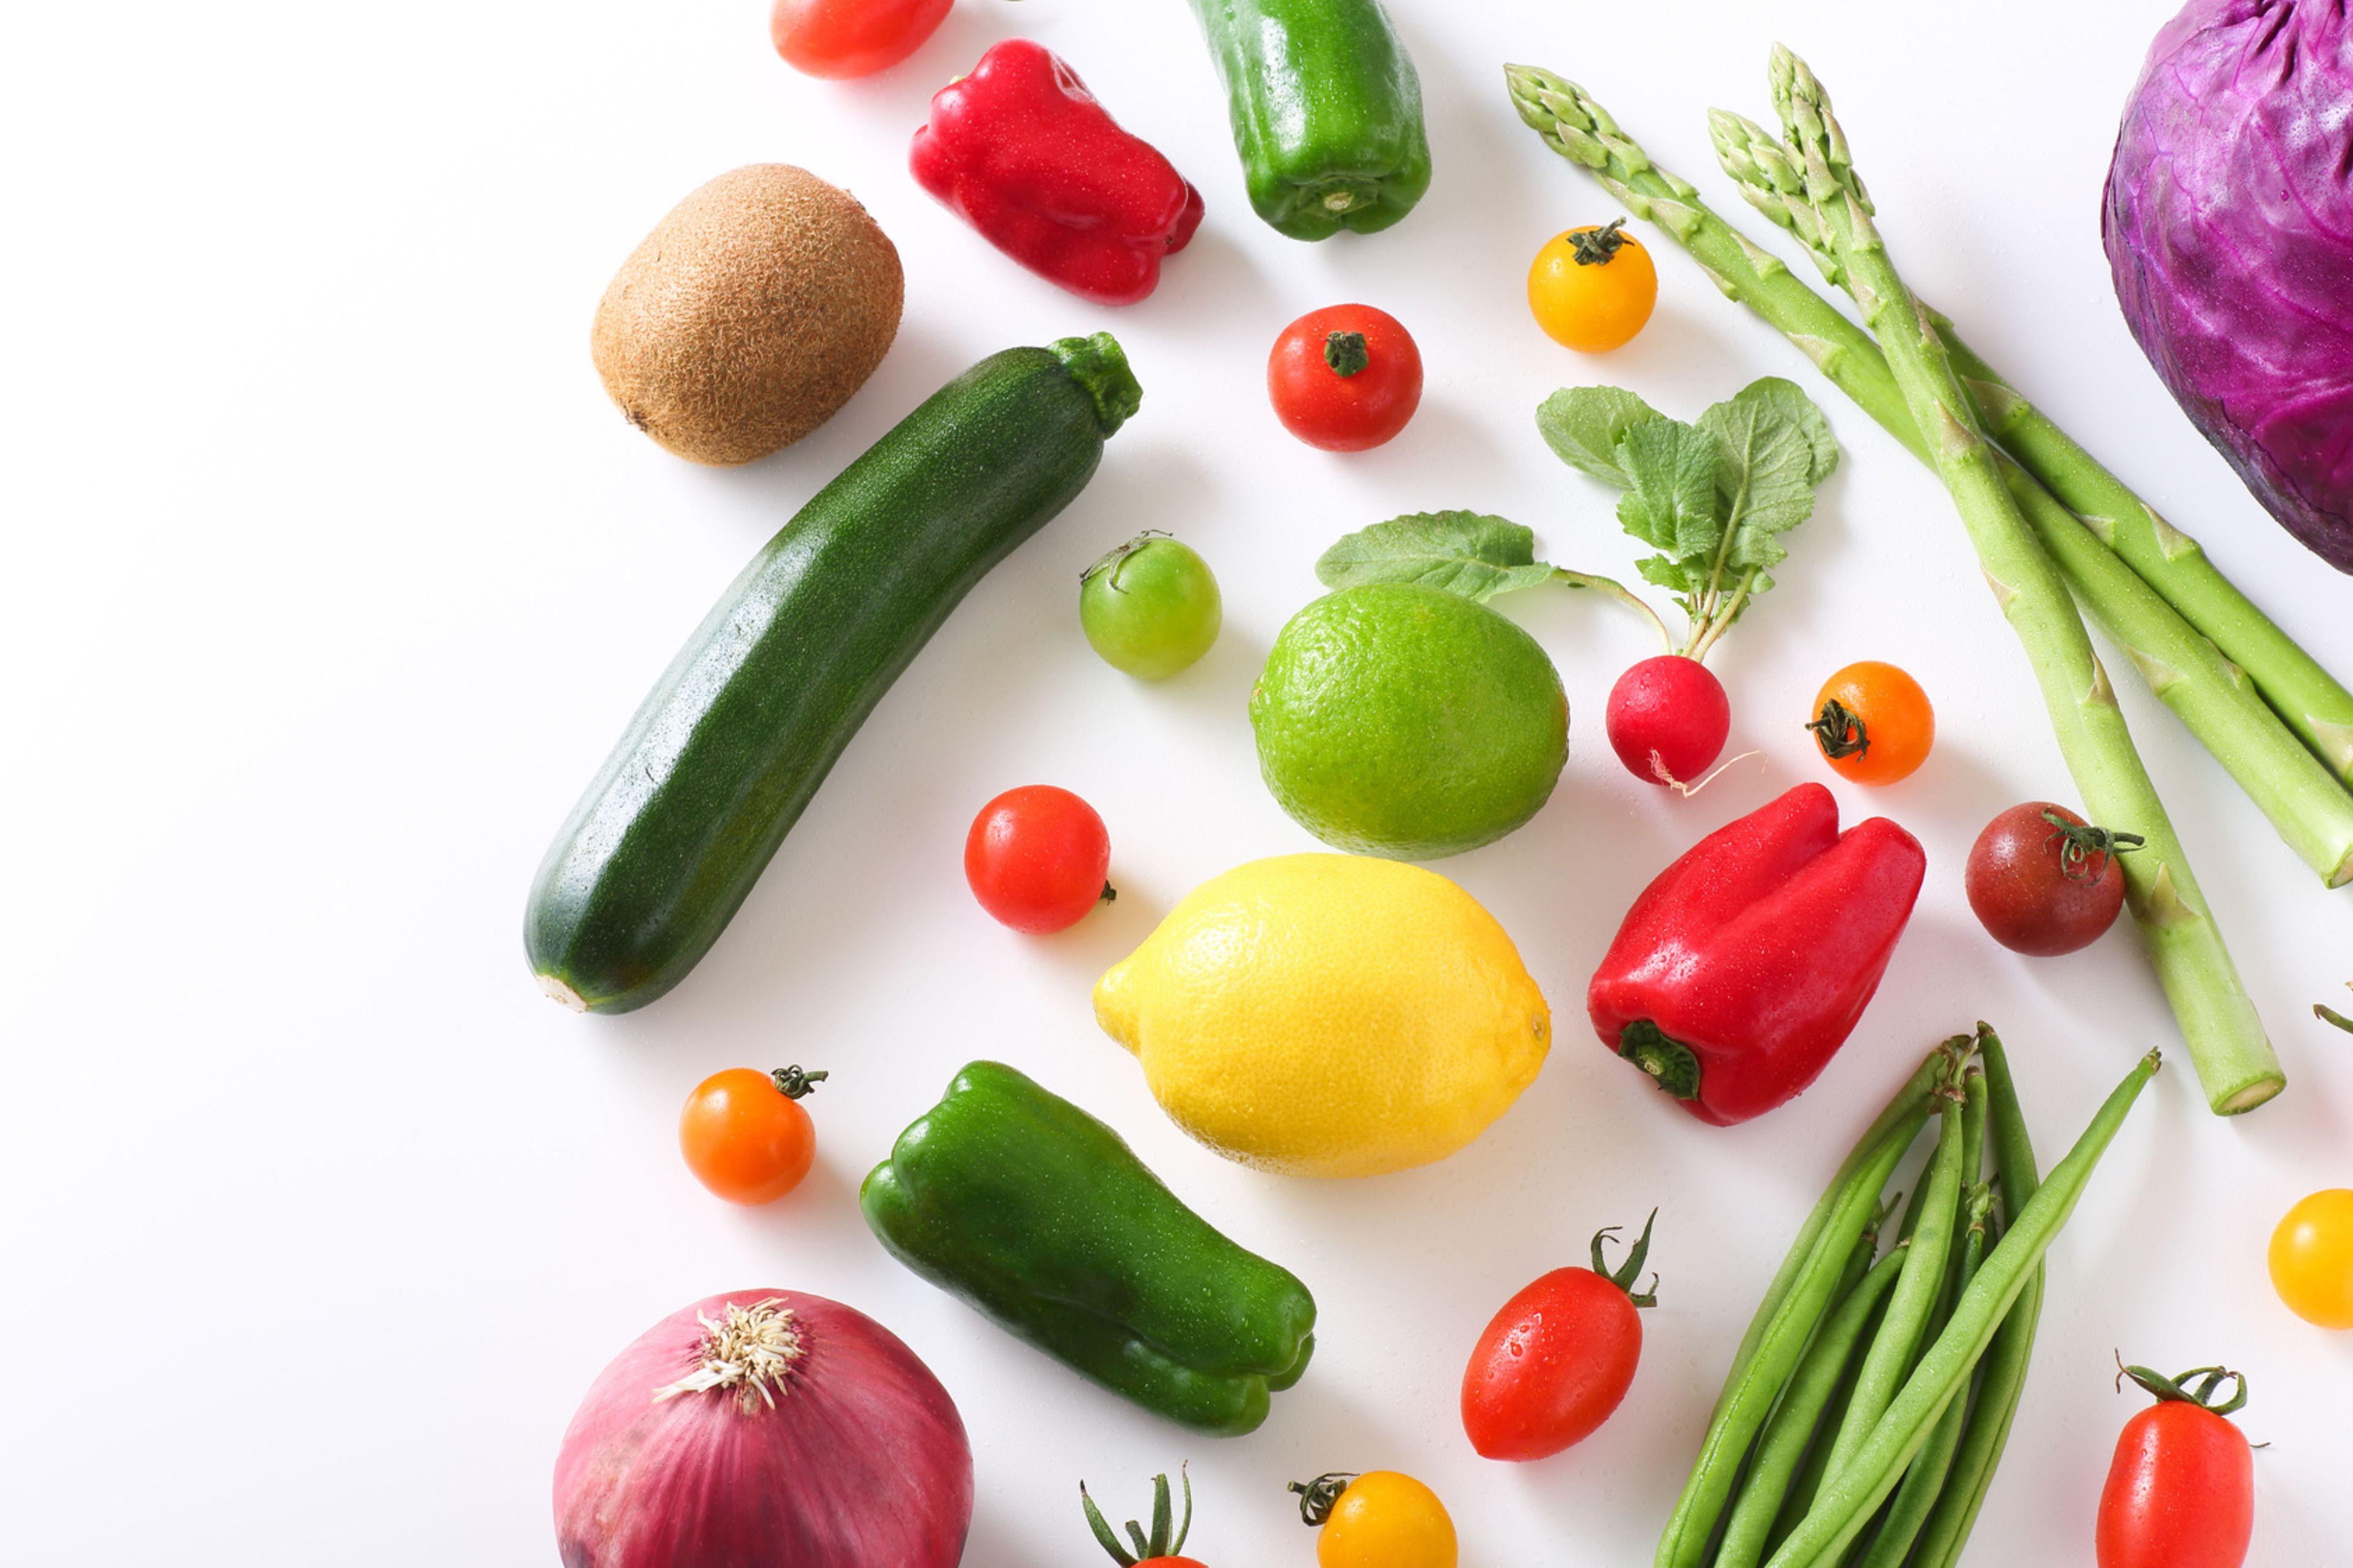 栄養管理(栄養士)